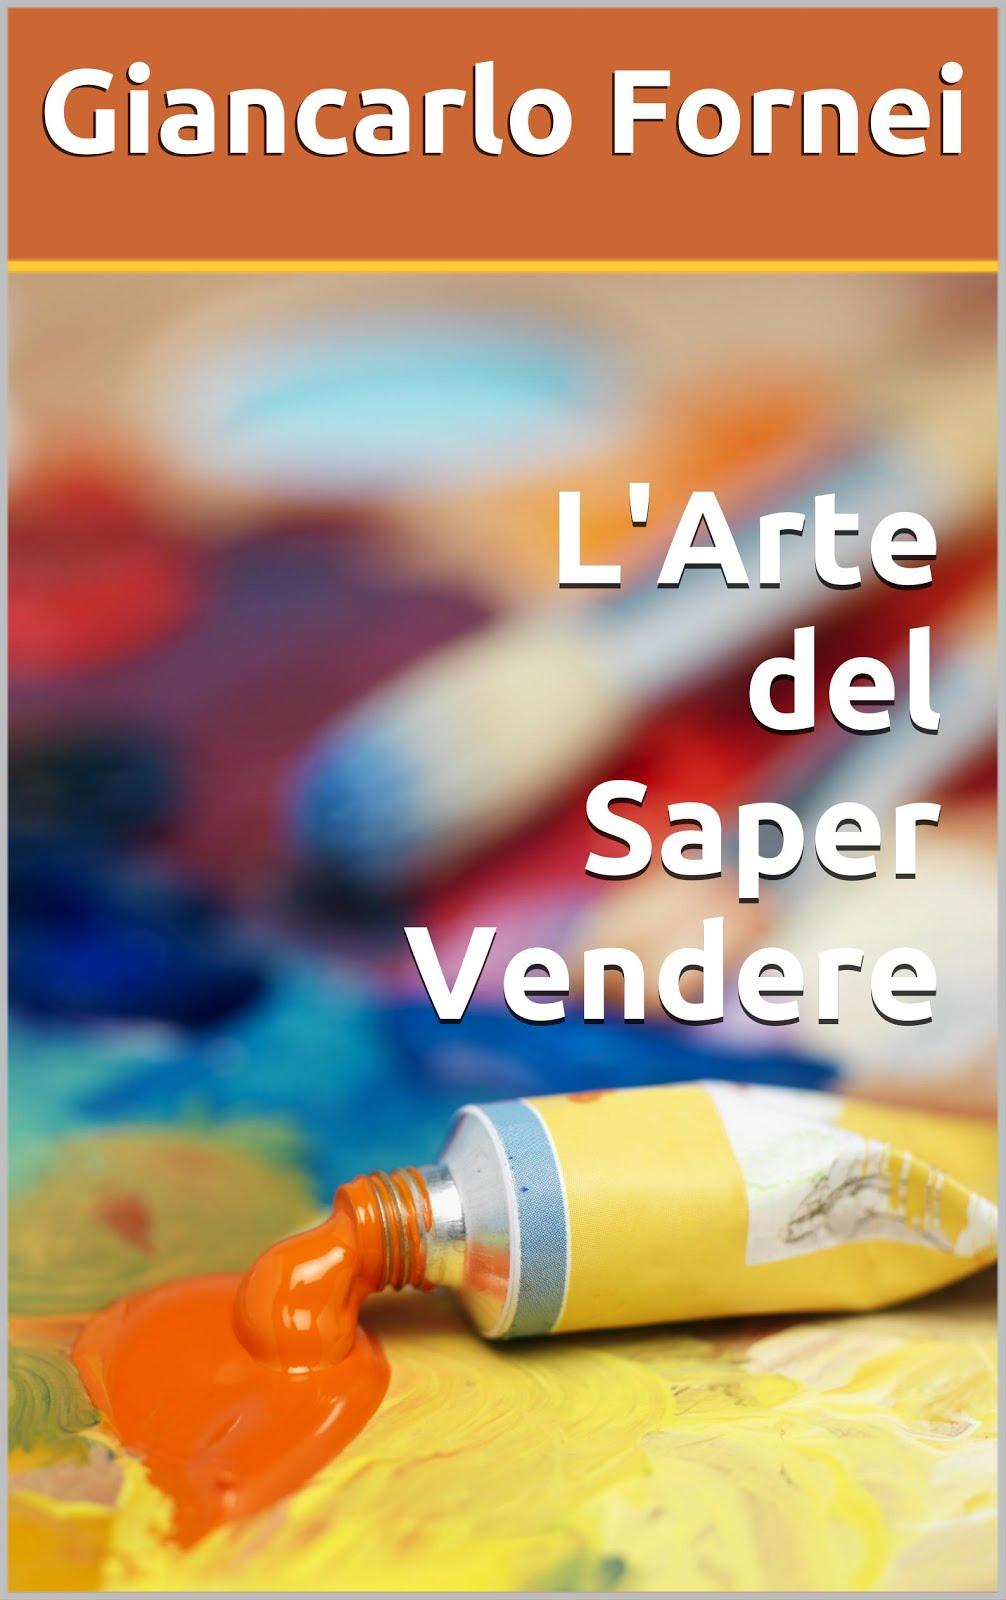 L'Arte del Saper Vendere (3 recensioni a cinque stelle su Amazon)...